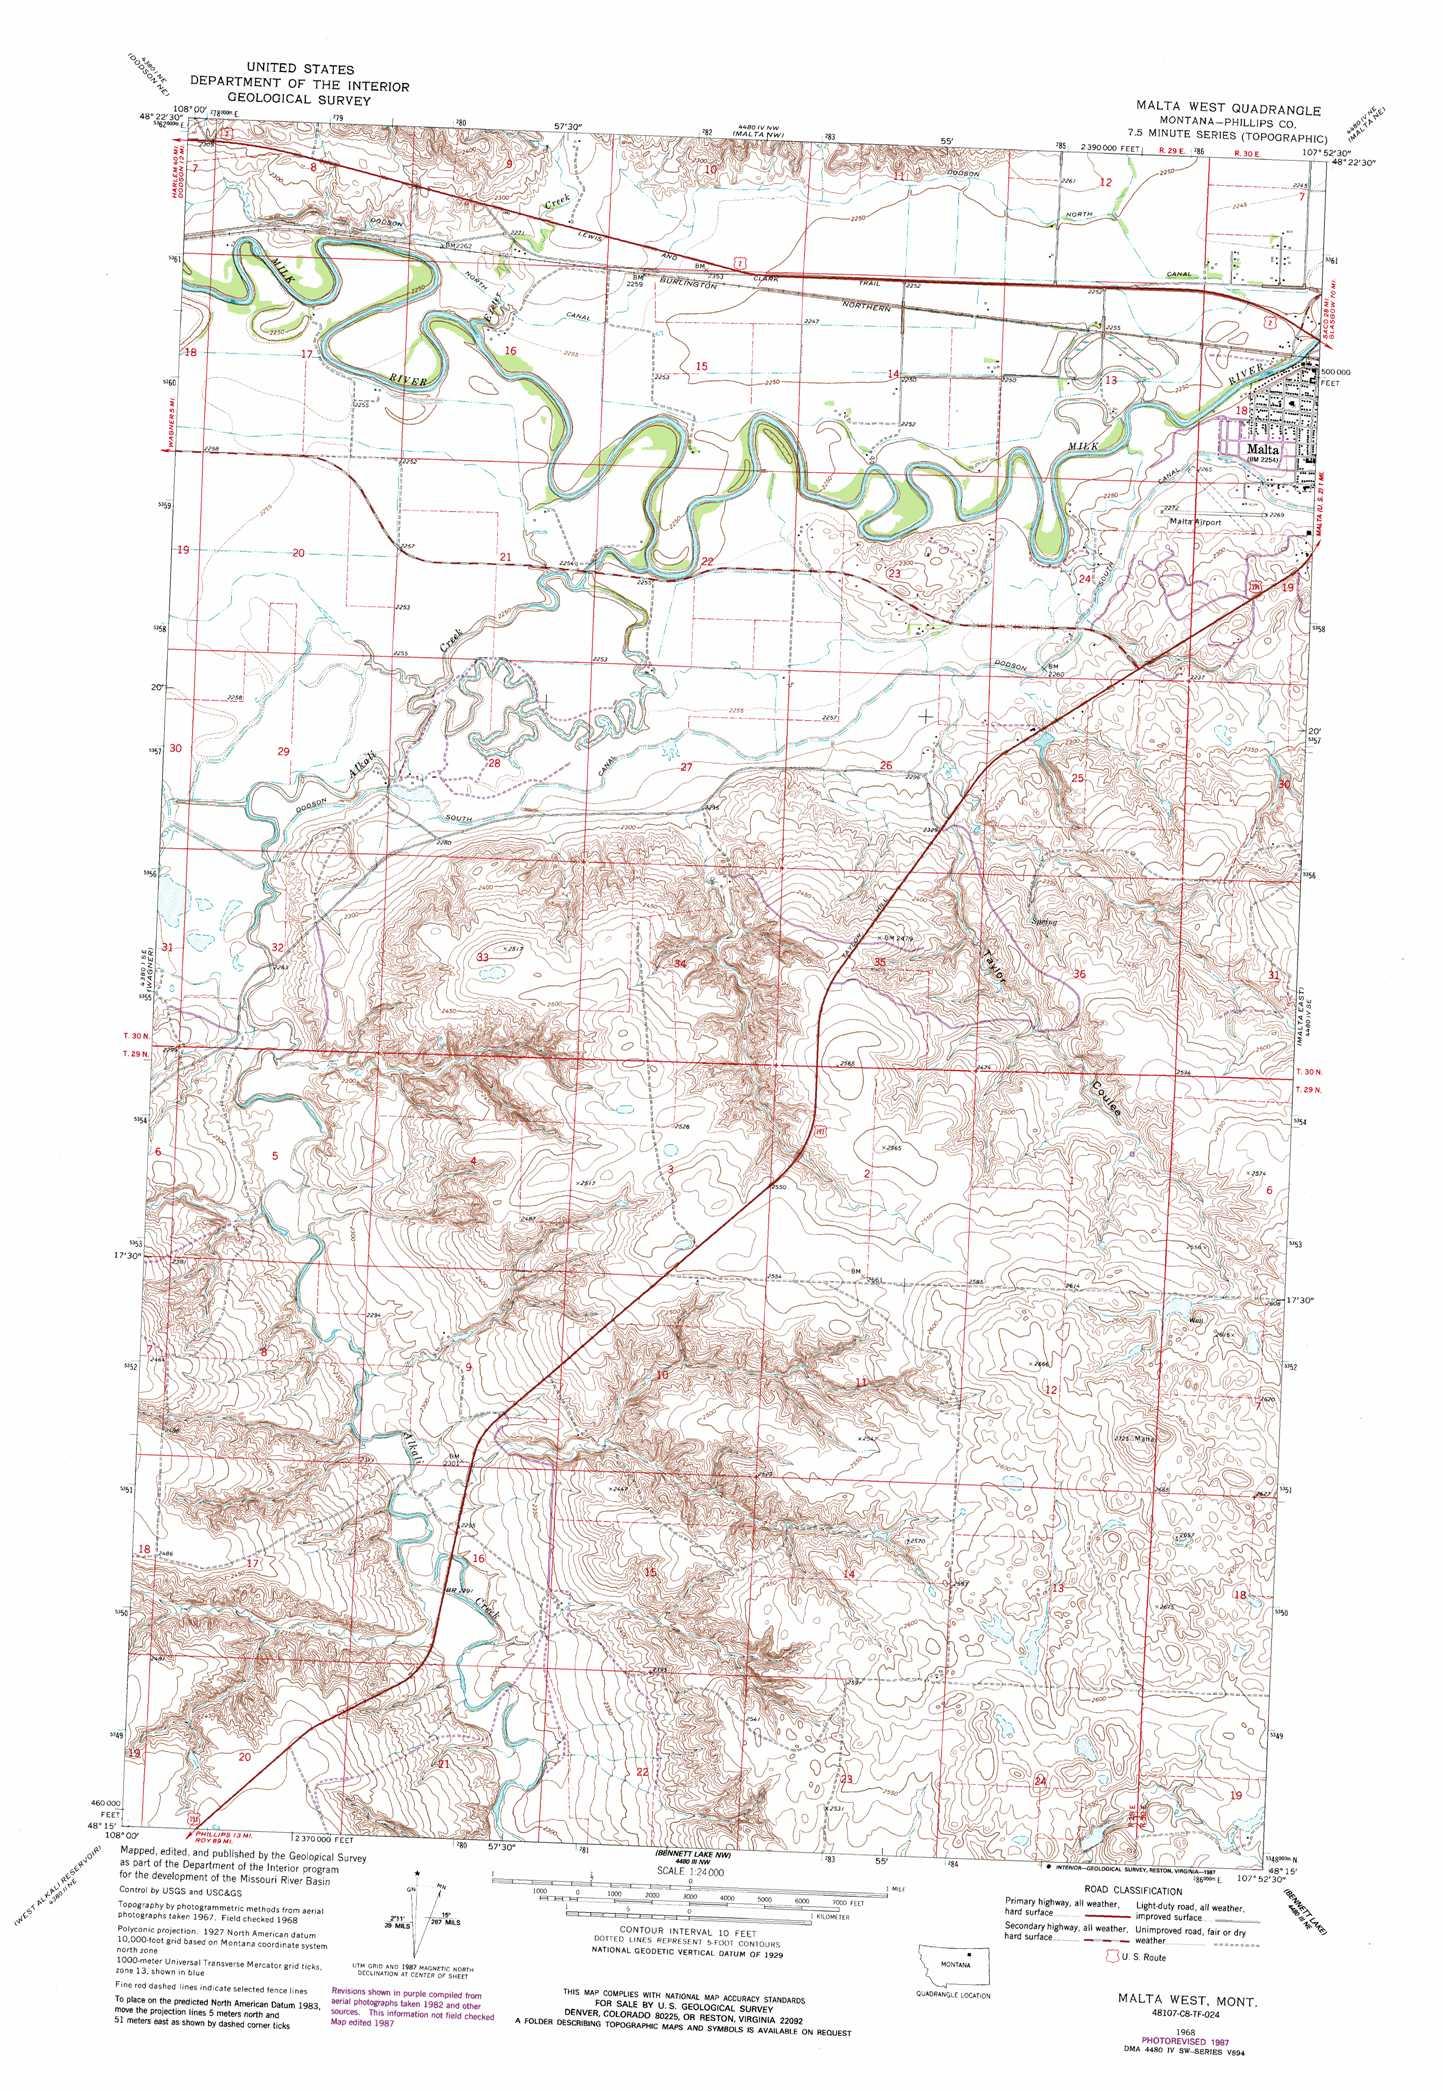 Malta West topographic map MT USGS Topo Quad 48107c8